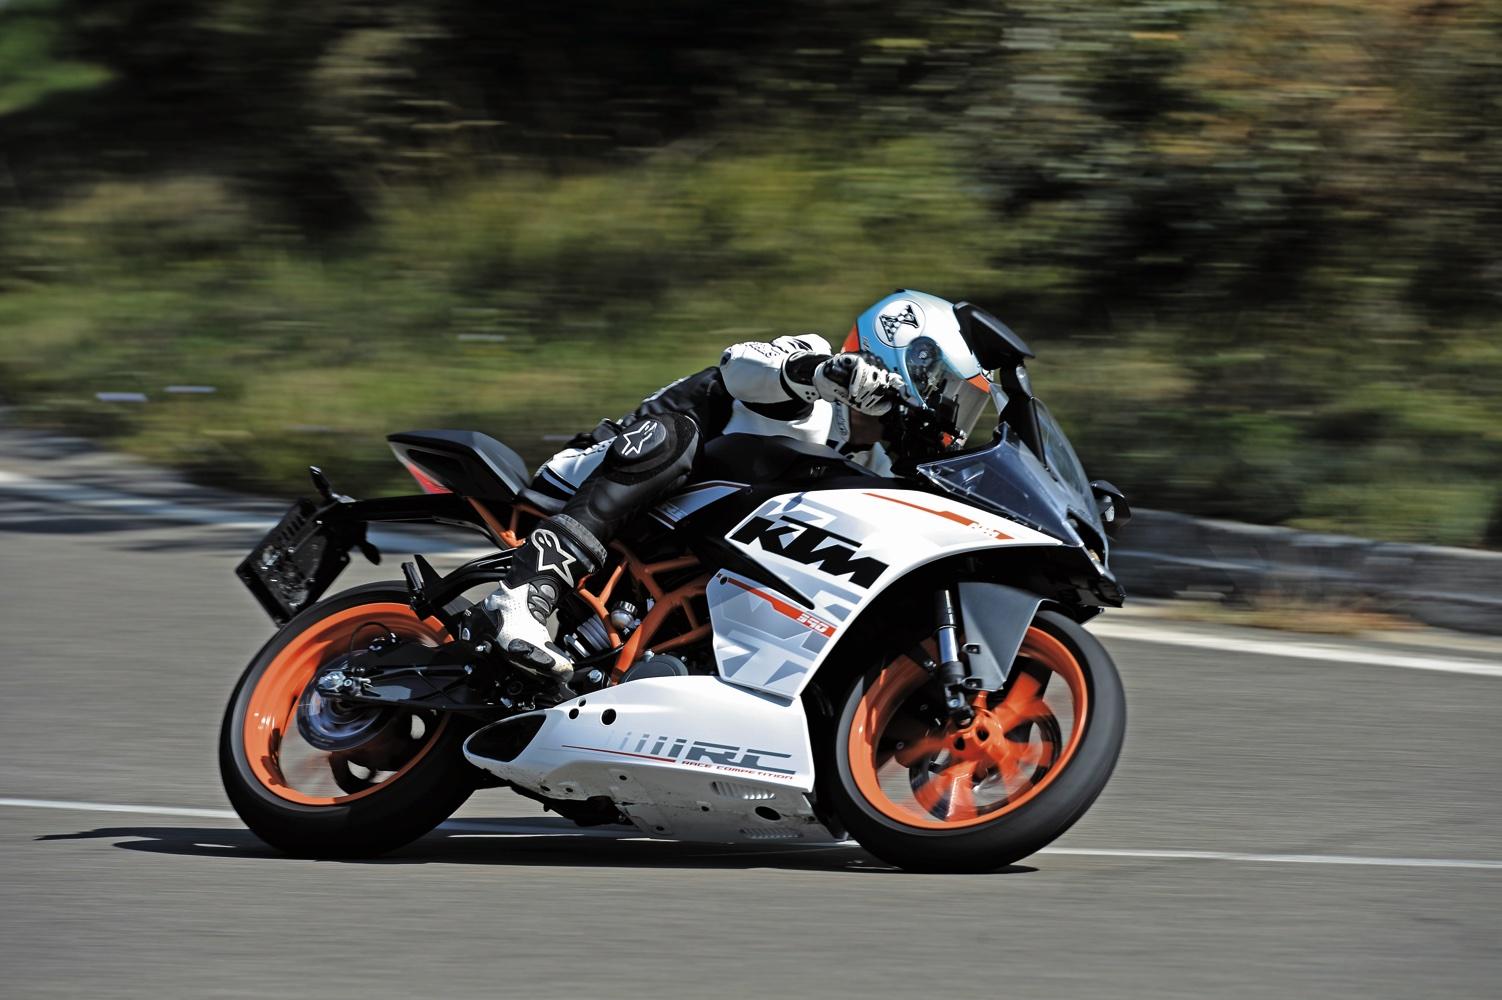 Ktm rc 390 2015 prezzo scheda tecnica dati foto e video - Image moto sportive ...